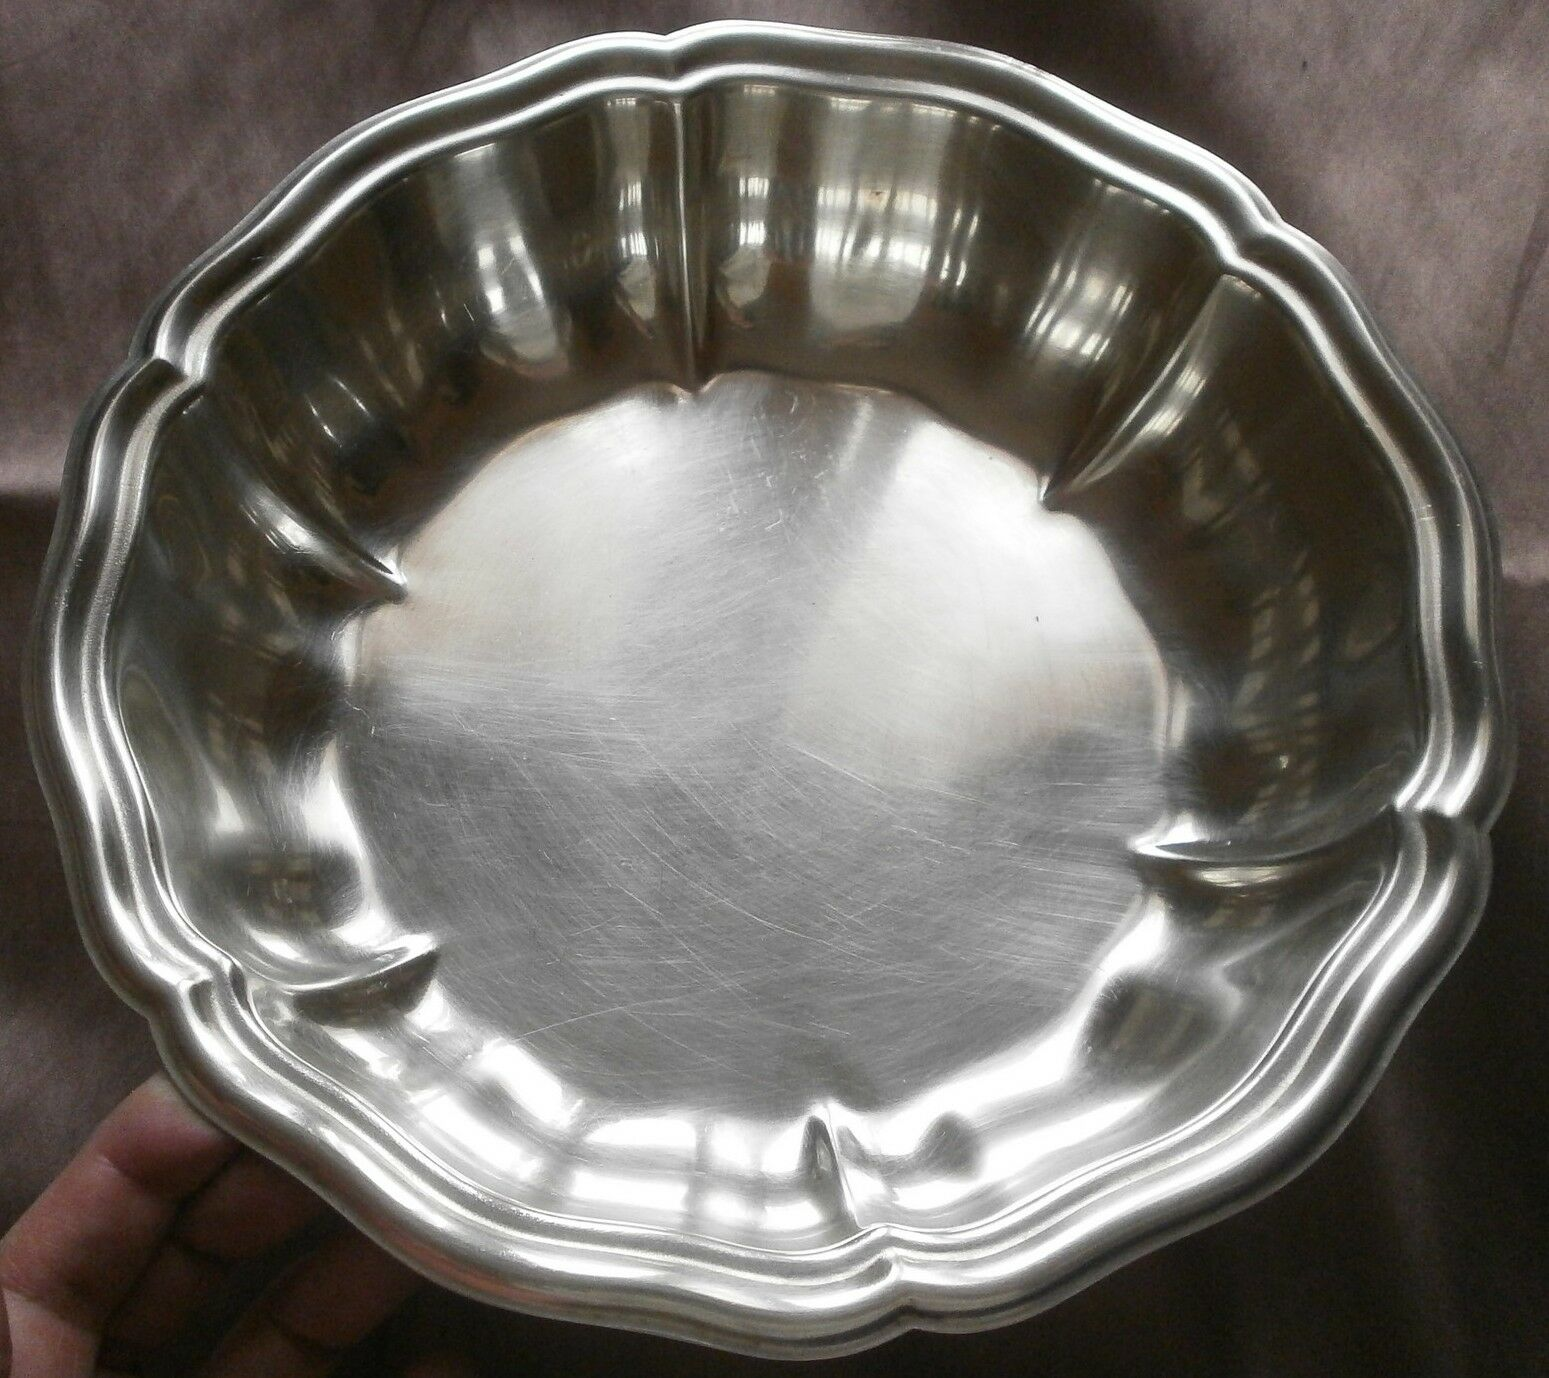 Jatte en métal argenté modèle chantourné polylobé - Orfèvre MF - Argenture 24 Gr